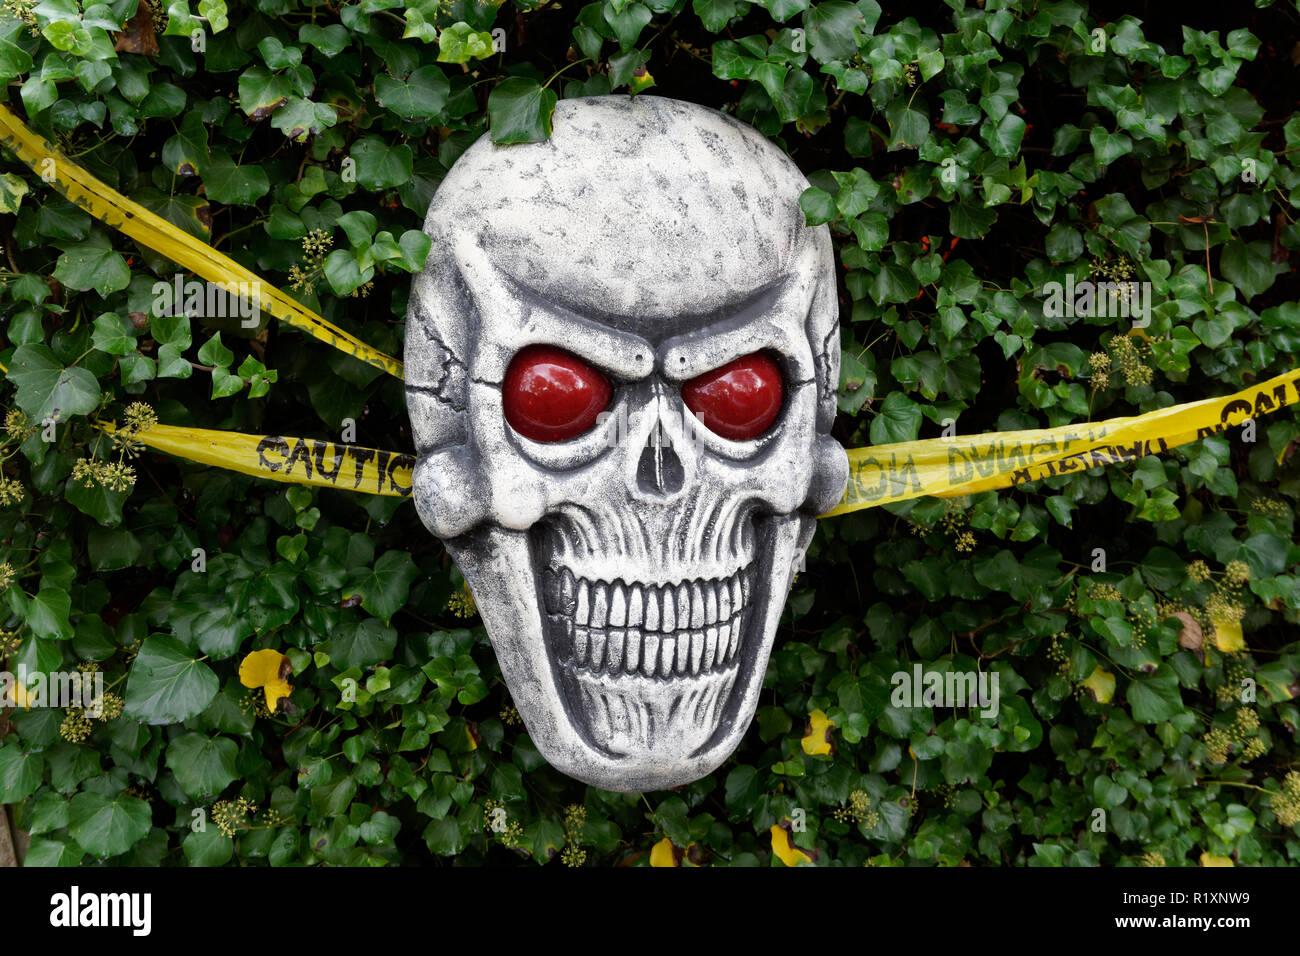 Espantosa calavera sonriente decoración de Halloween en un jardín. Imagen De Stock